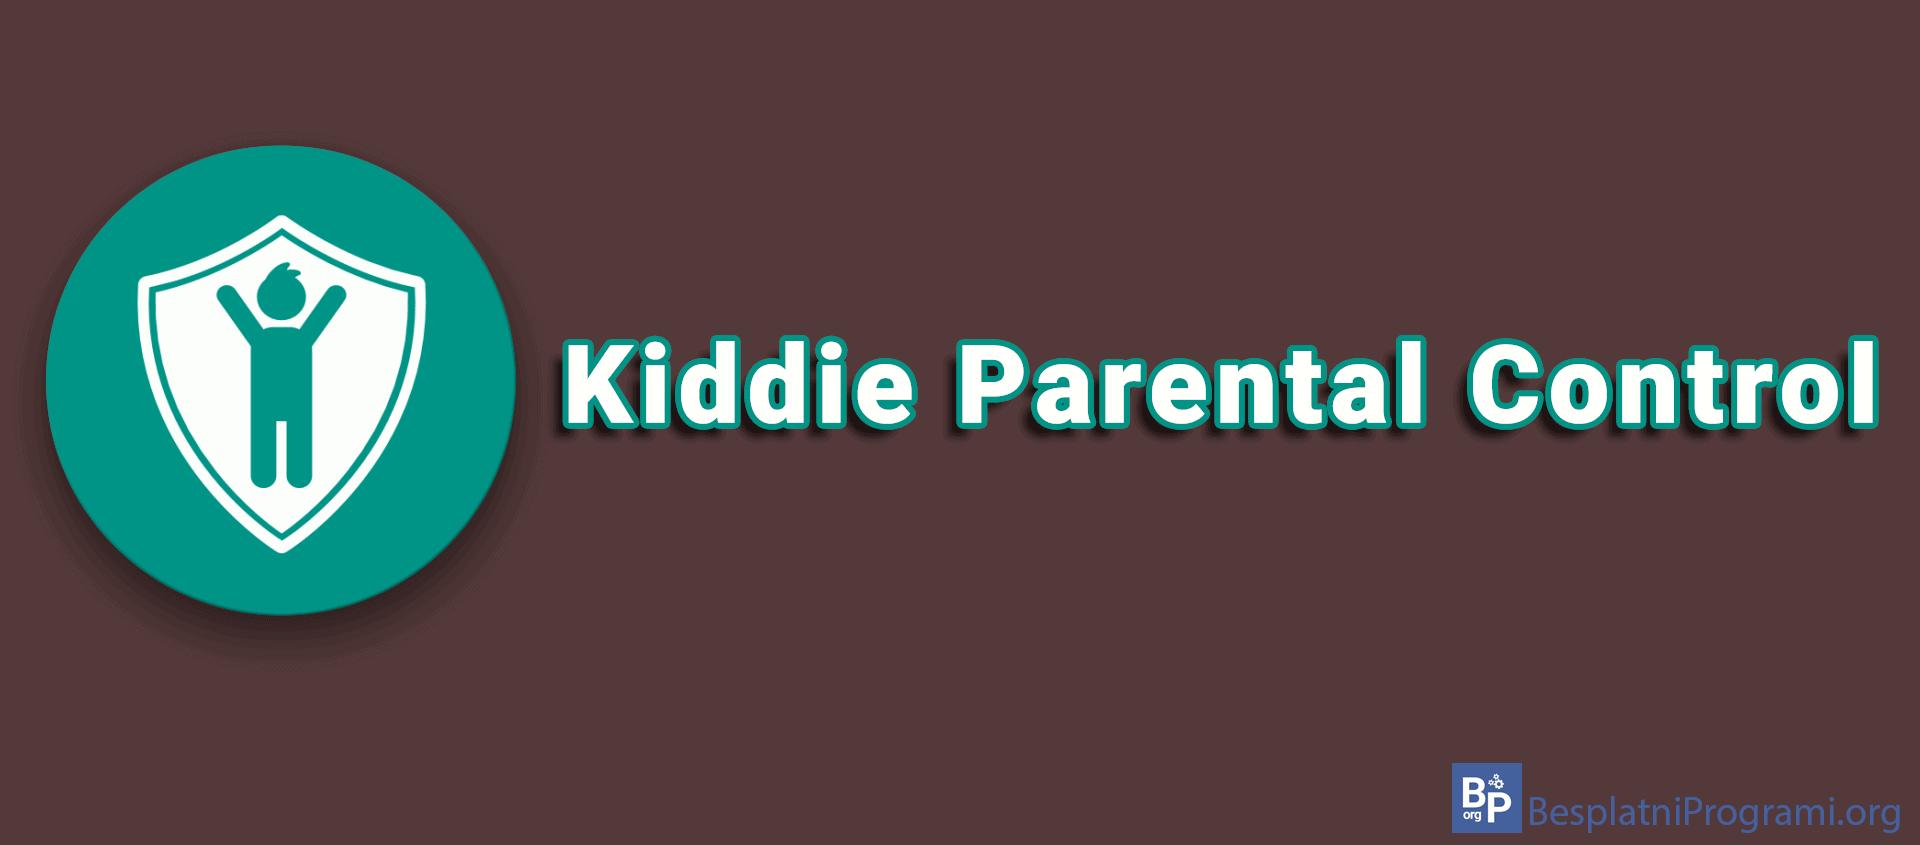 Kiddie Parental Control